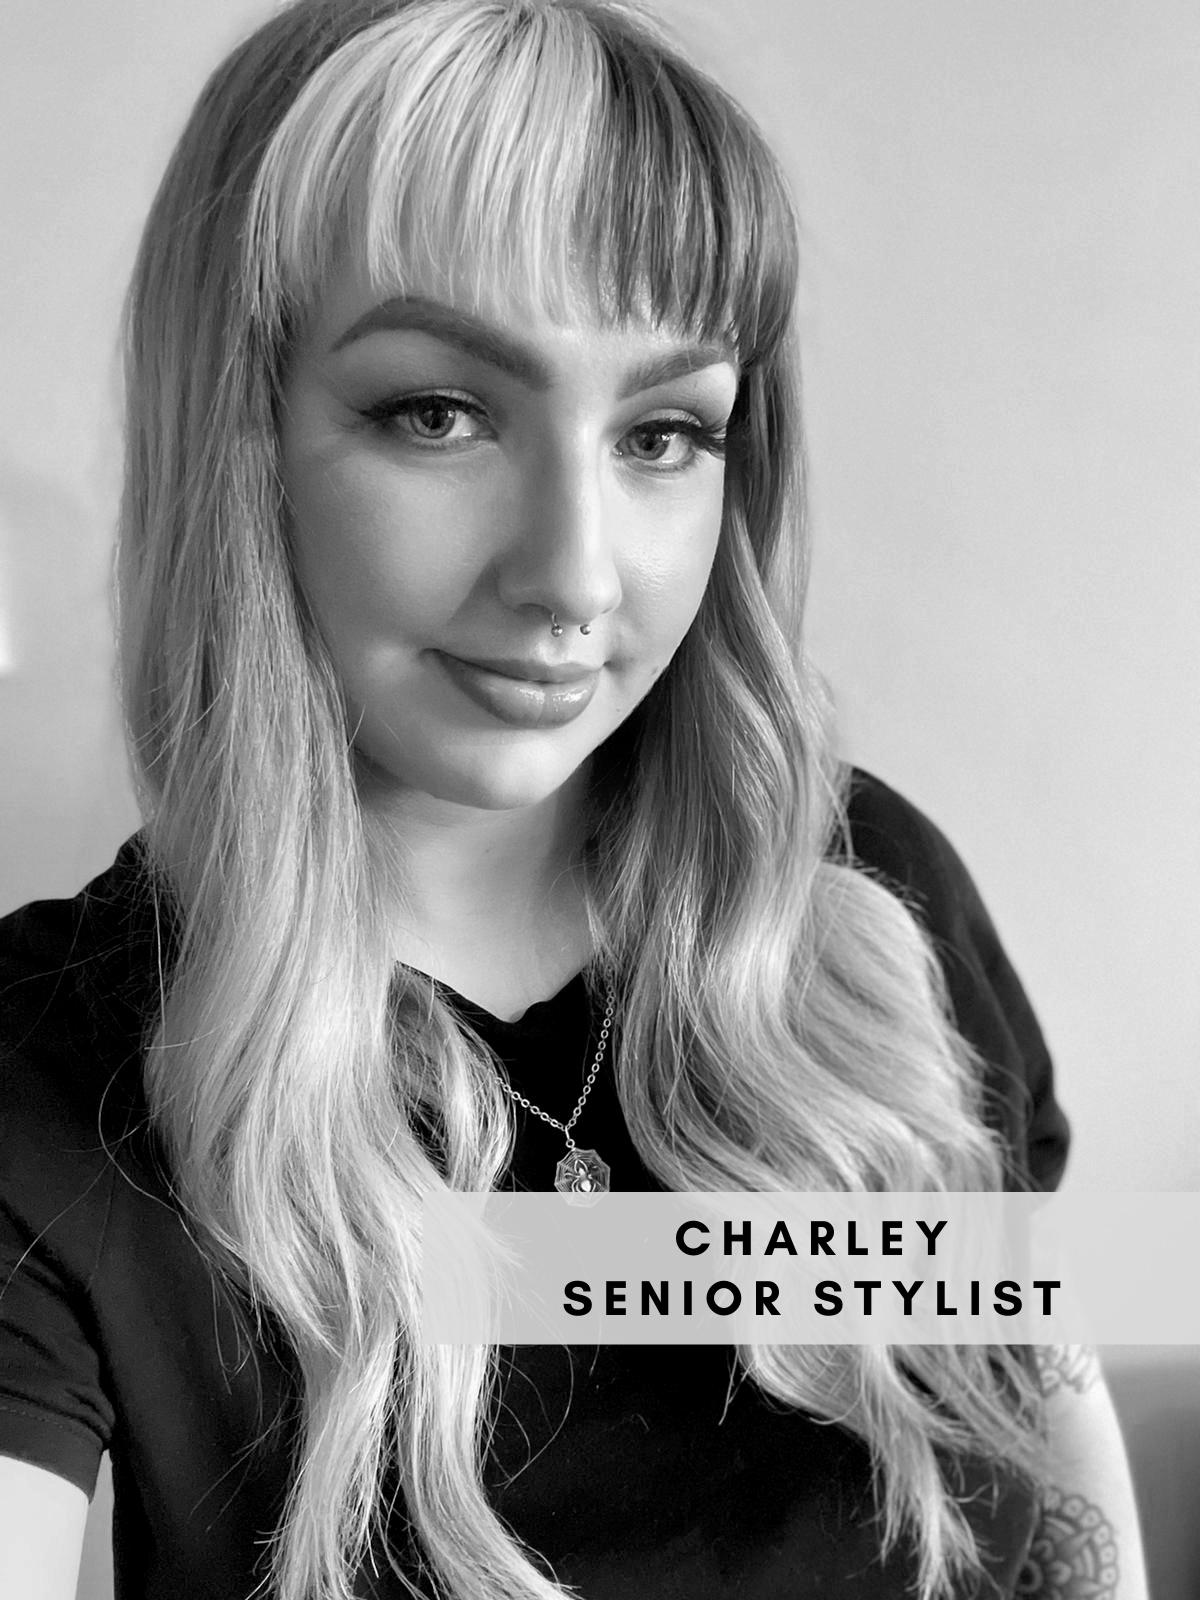 Charley – Senior Stylist